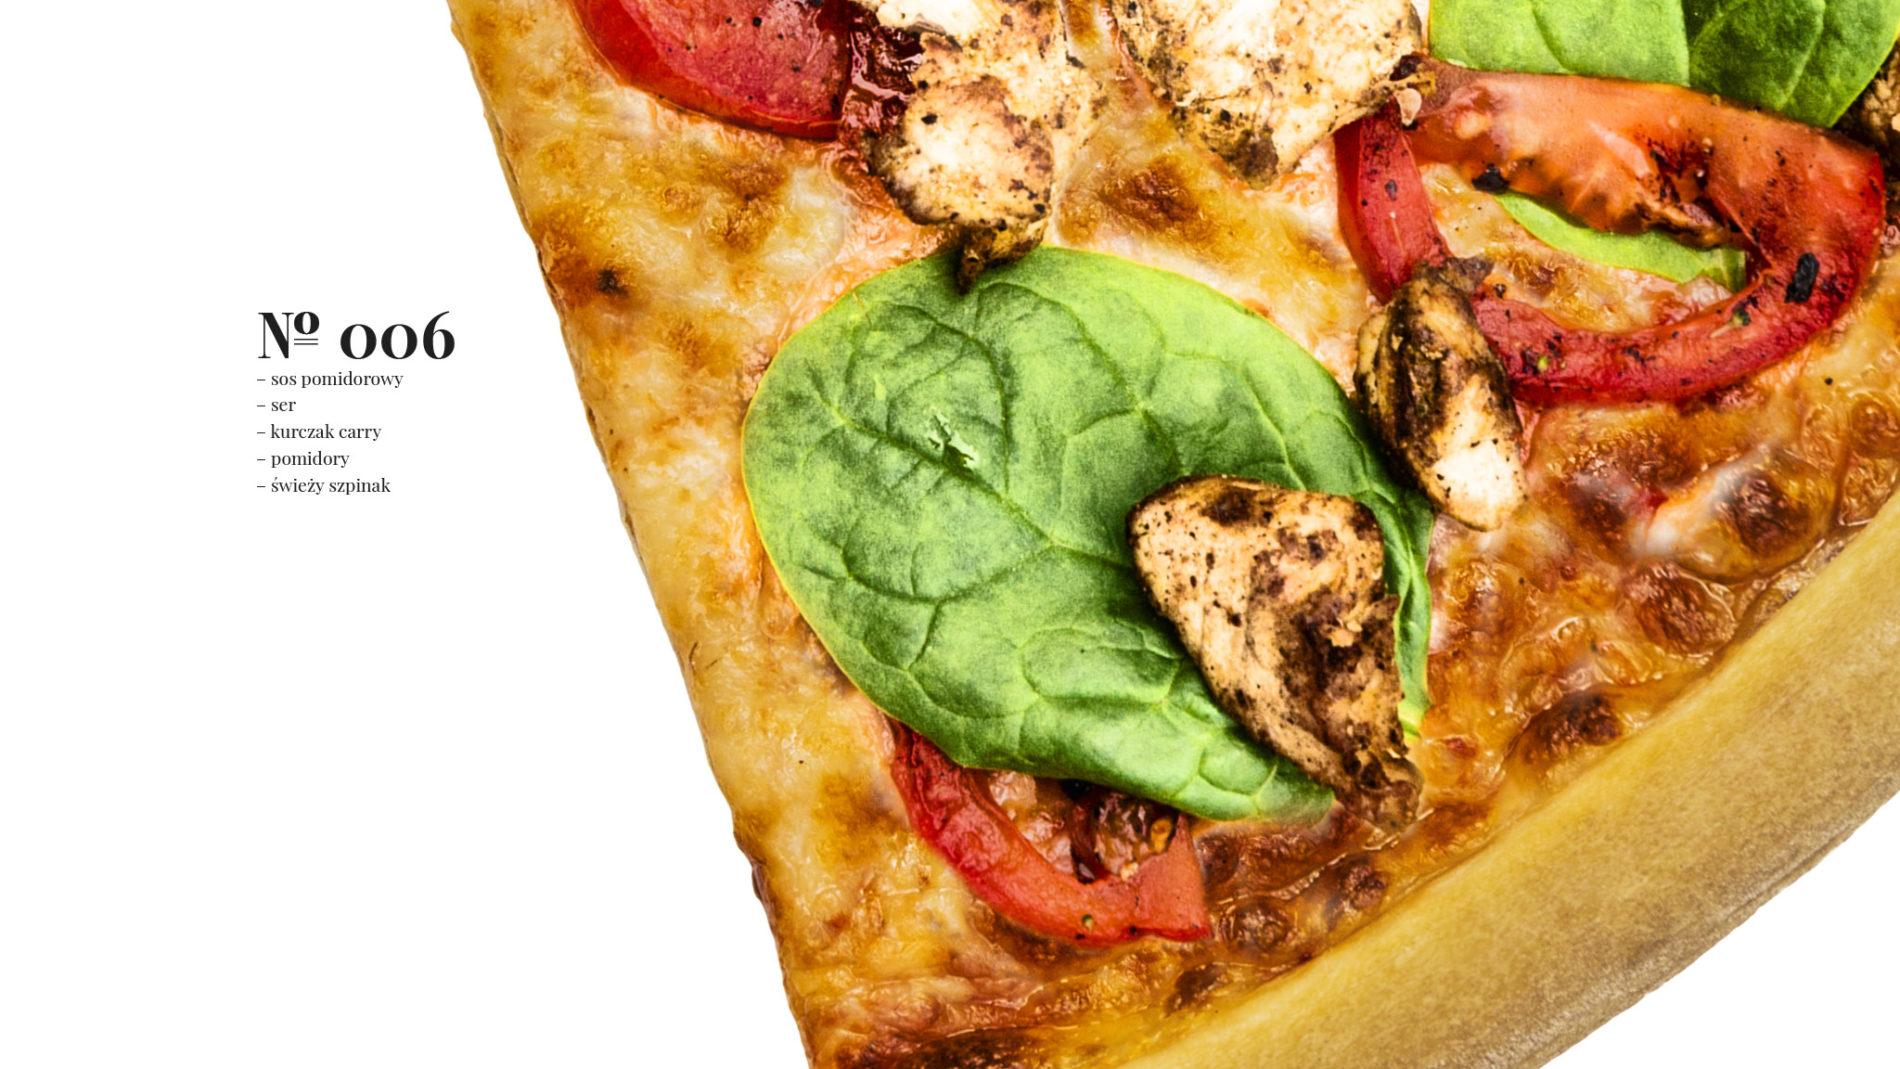 Pizza 60 freebee system – sos pomidorowy – ser – kurczak carry – pomidory – świeży szpinak